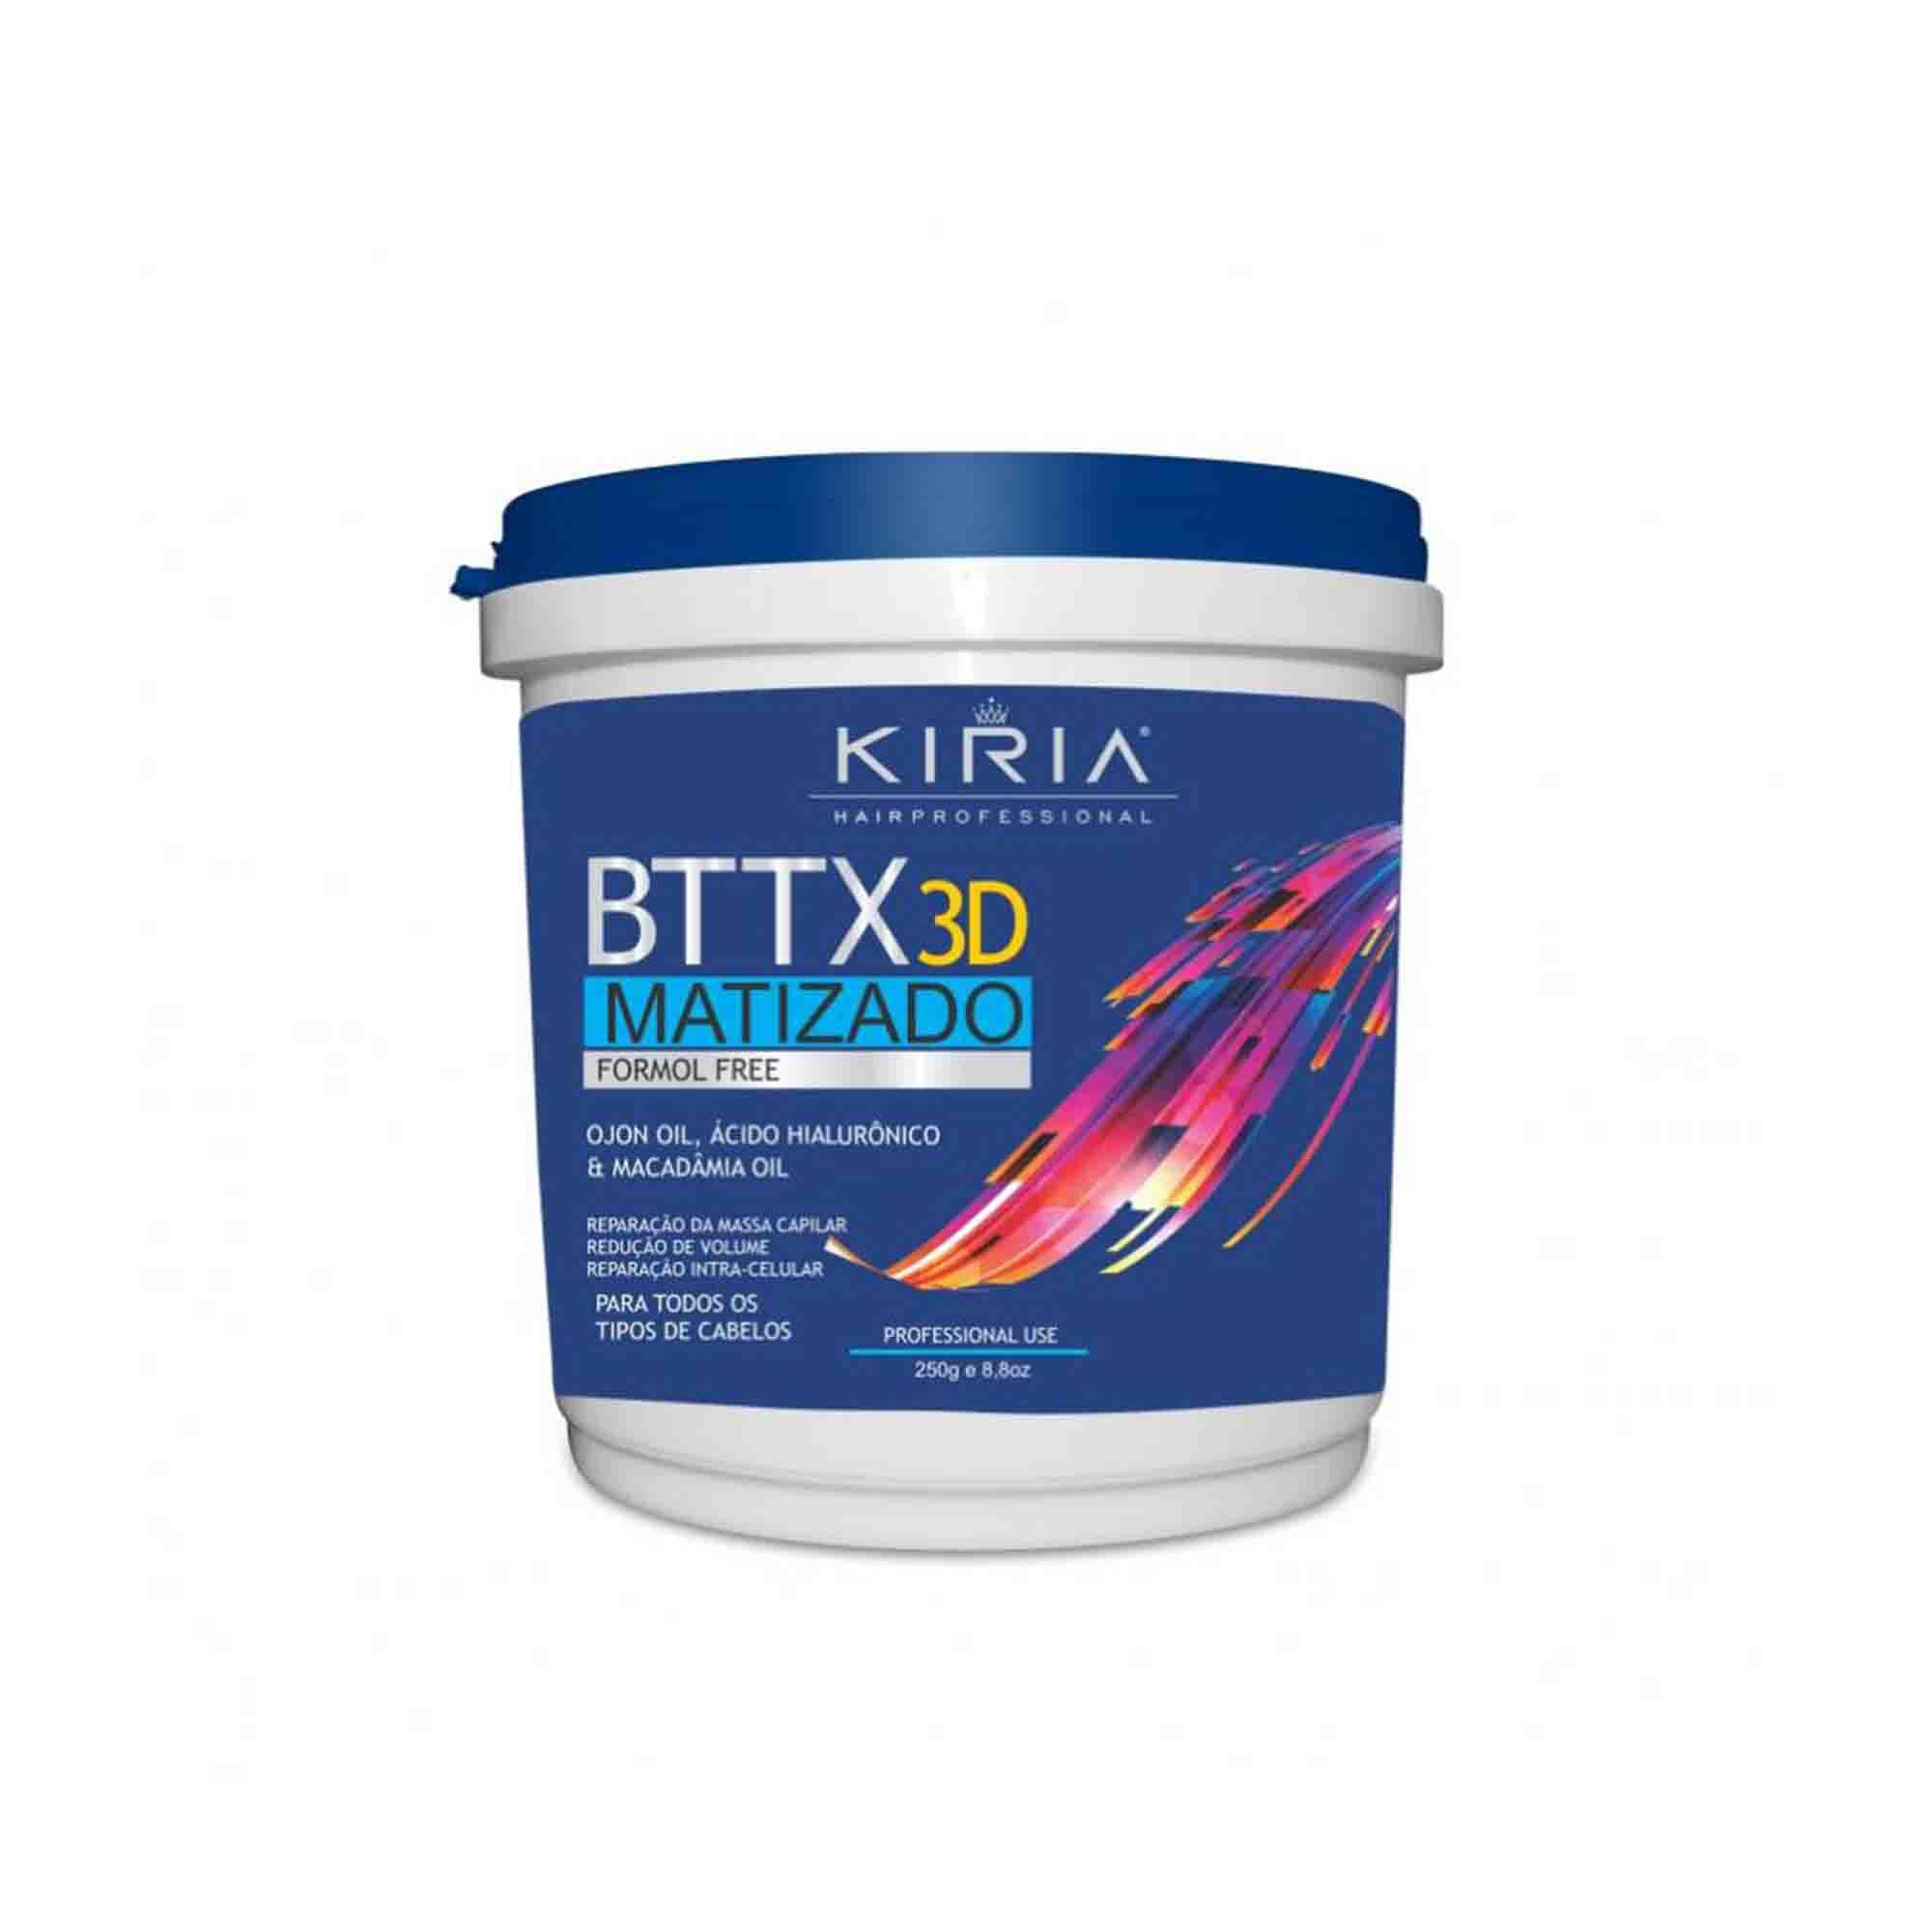 BTTX 3D ADVANCE MATIZADO FORMOL FREE - 250G